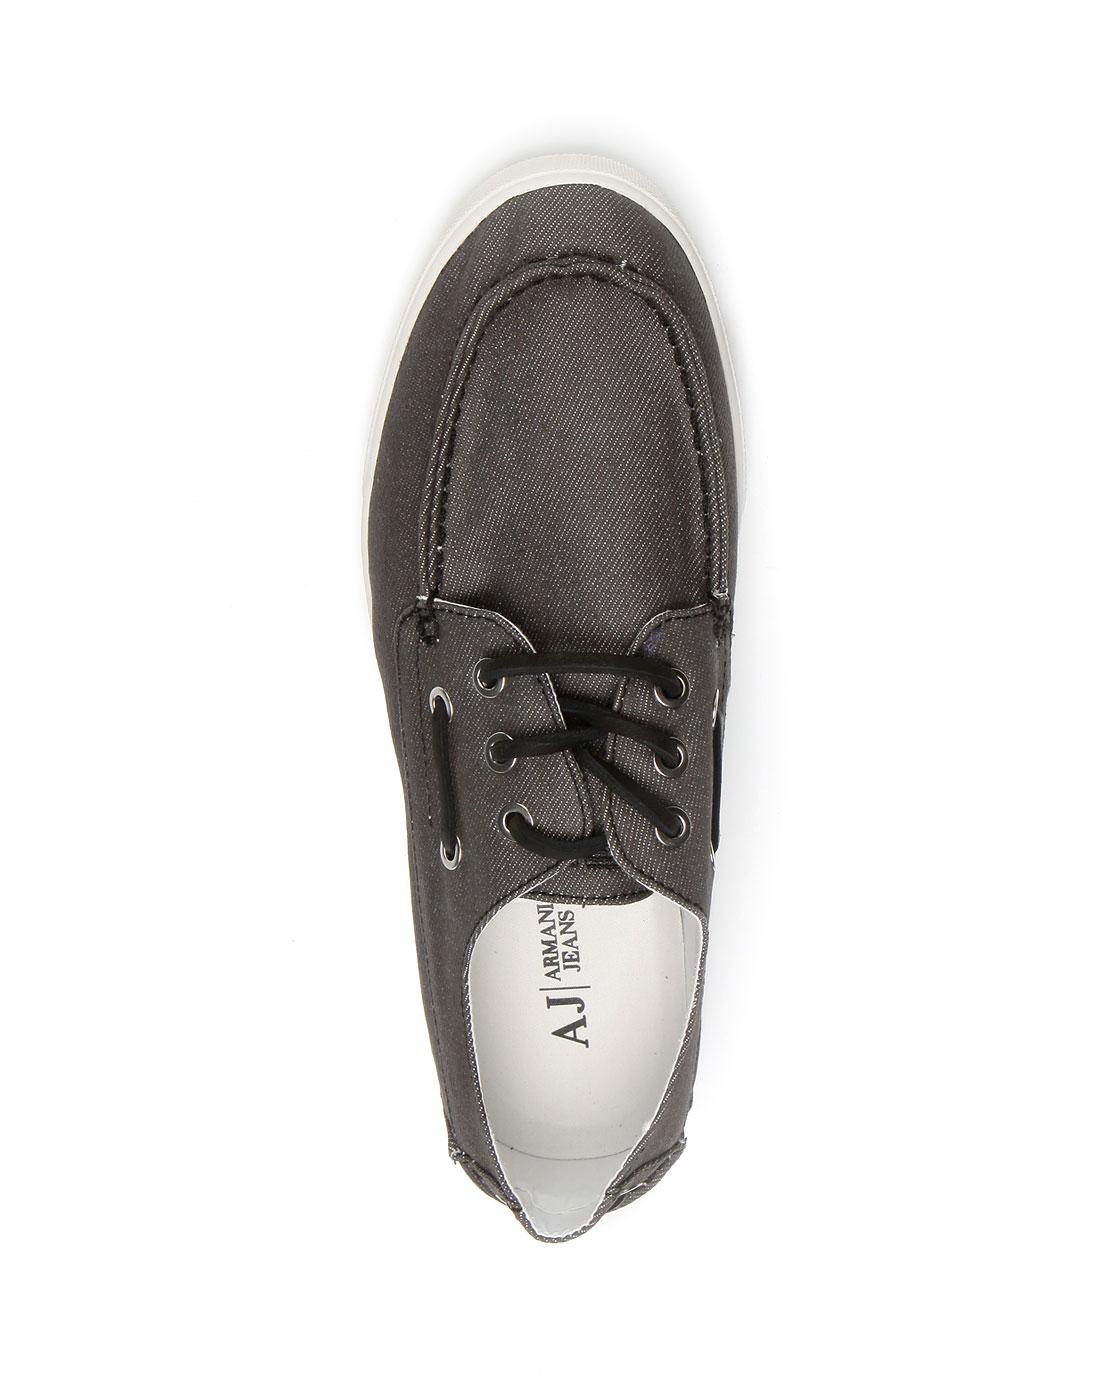 armani鞋子专场aj 男款灰色休闲鞋p6534